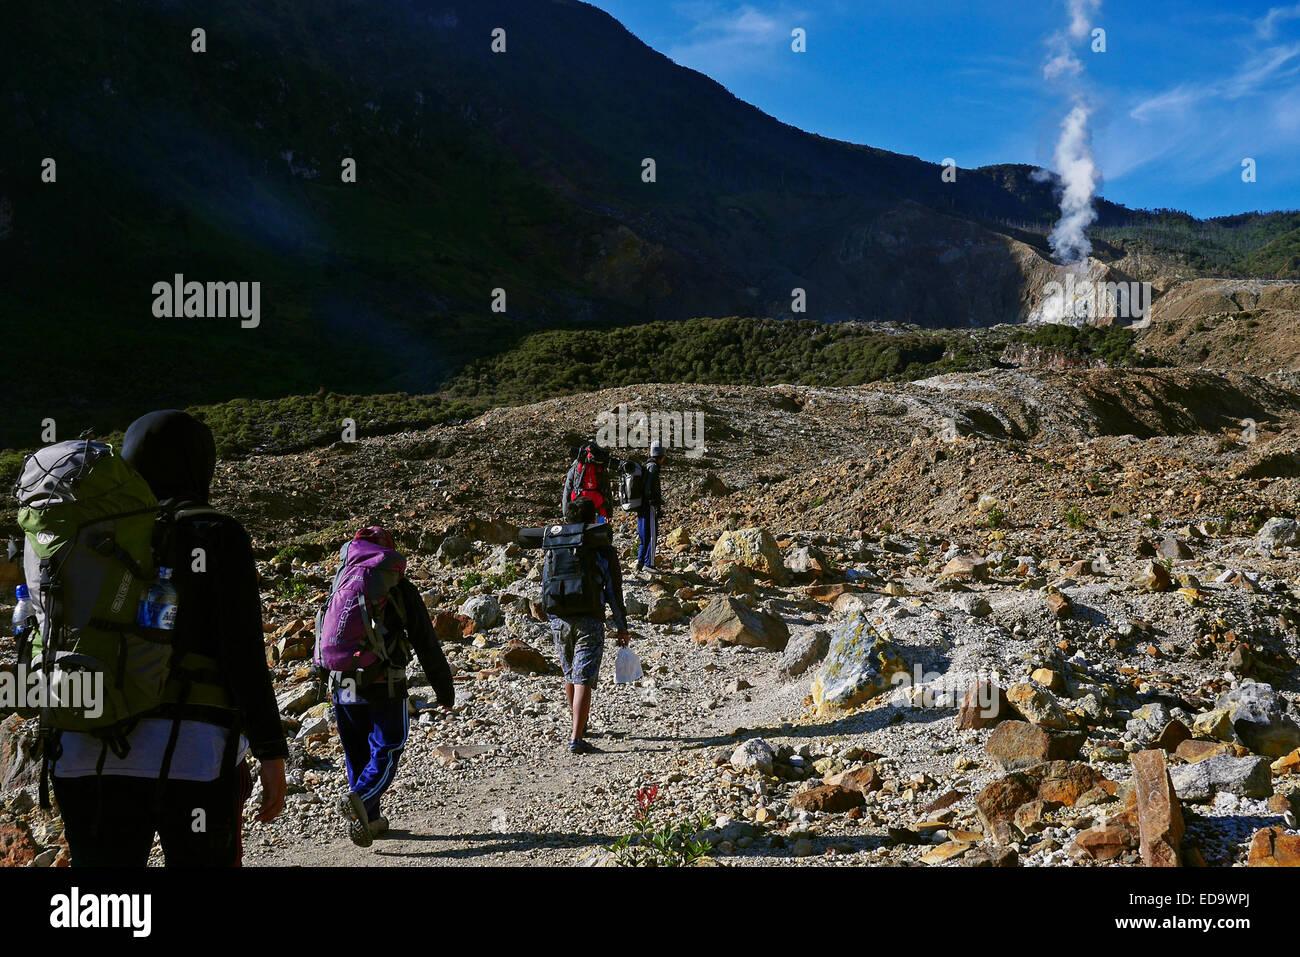 Local climbers pass through Mount Papandayan's crater. - Stock Image